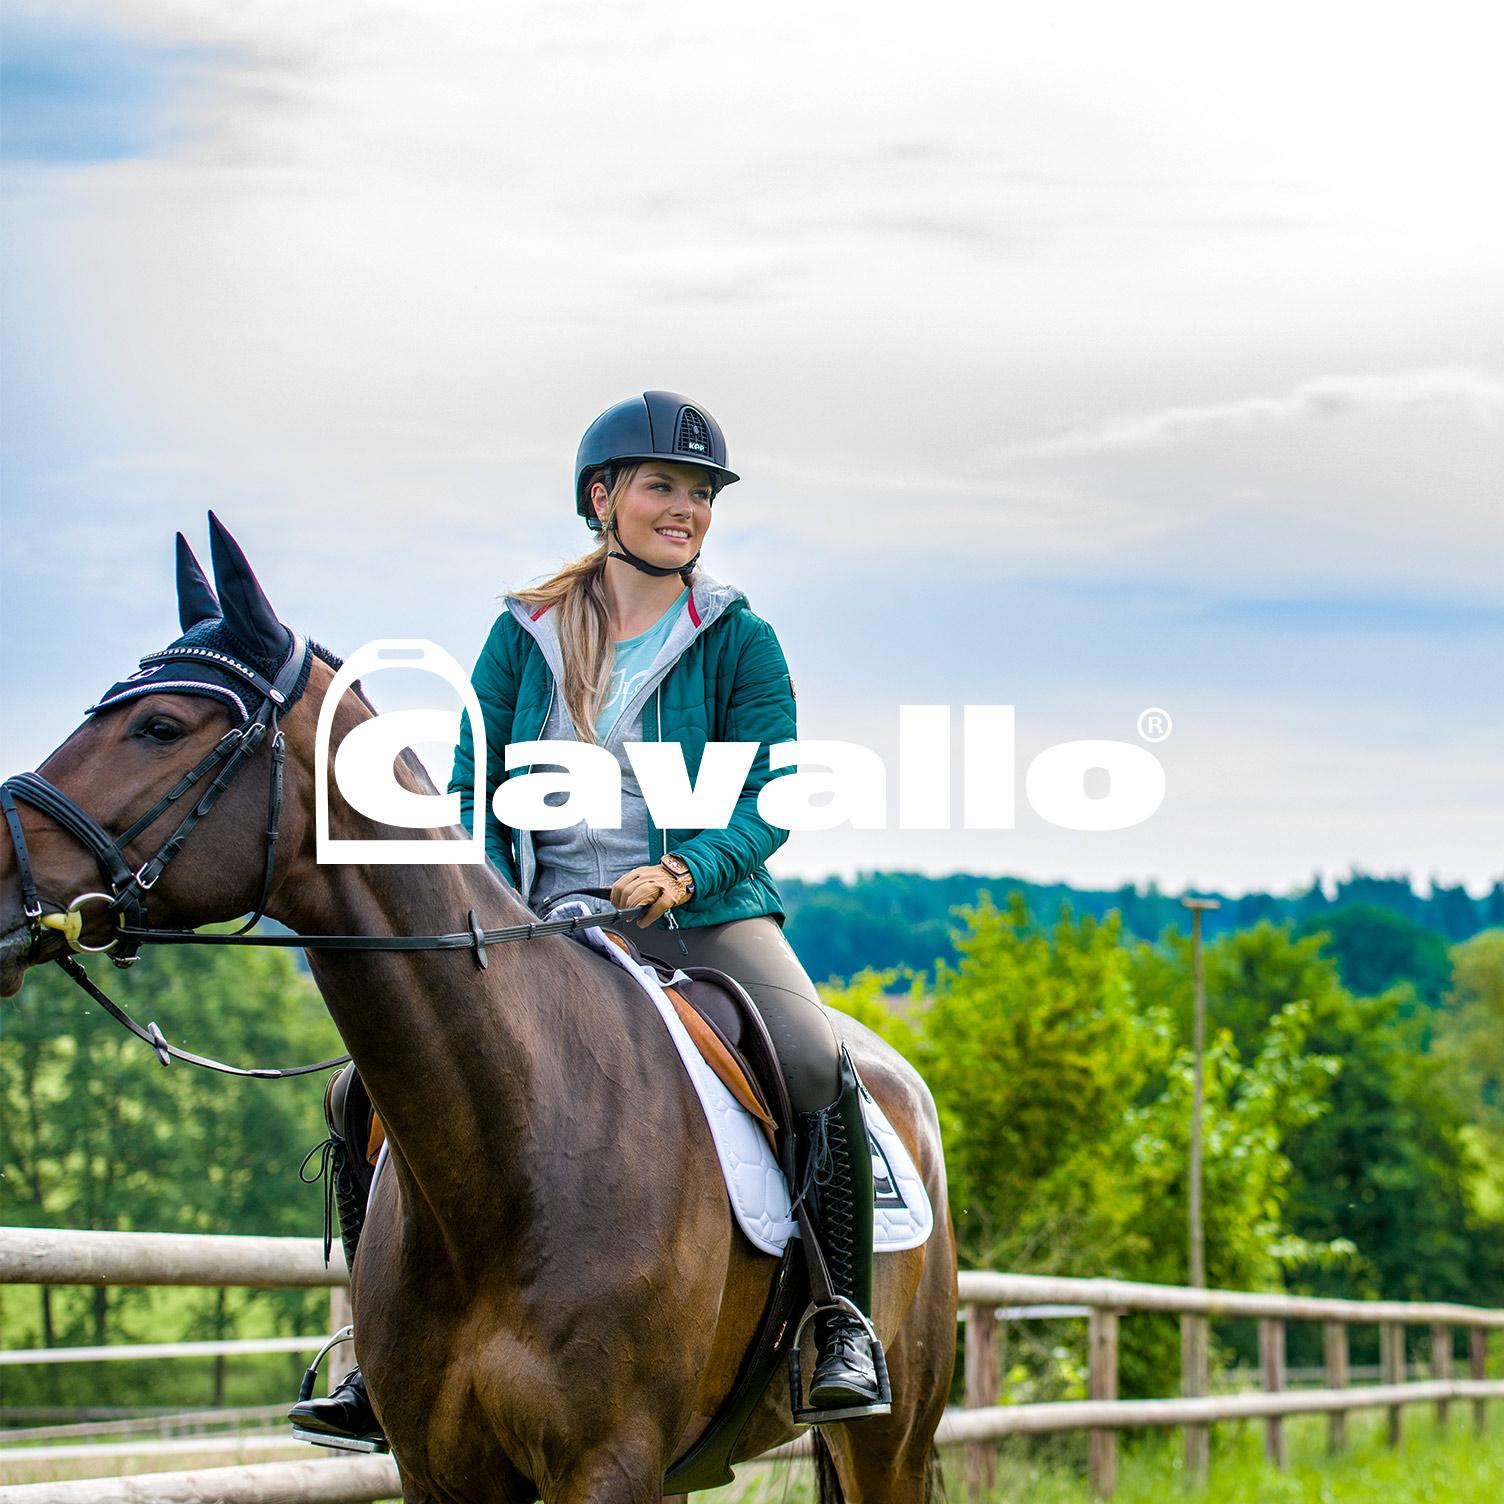 Case zur Kampagnenarbeit mit Cavallo